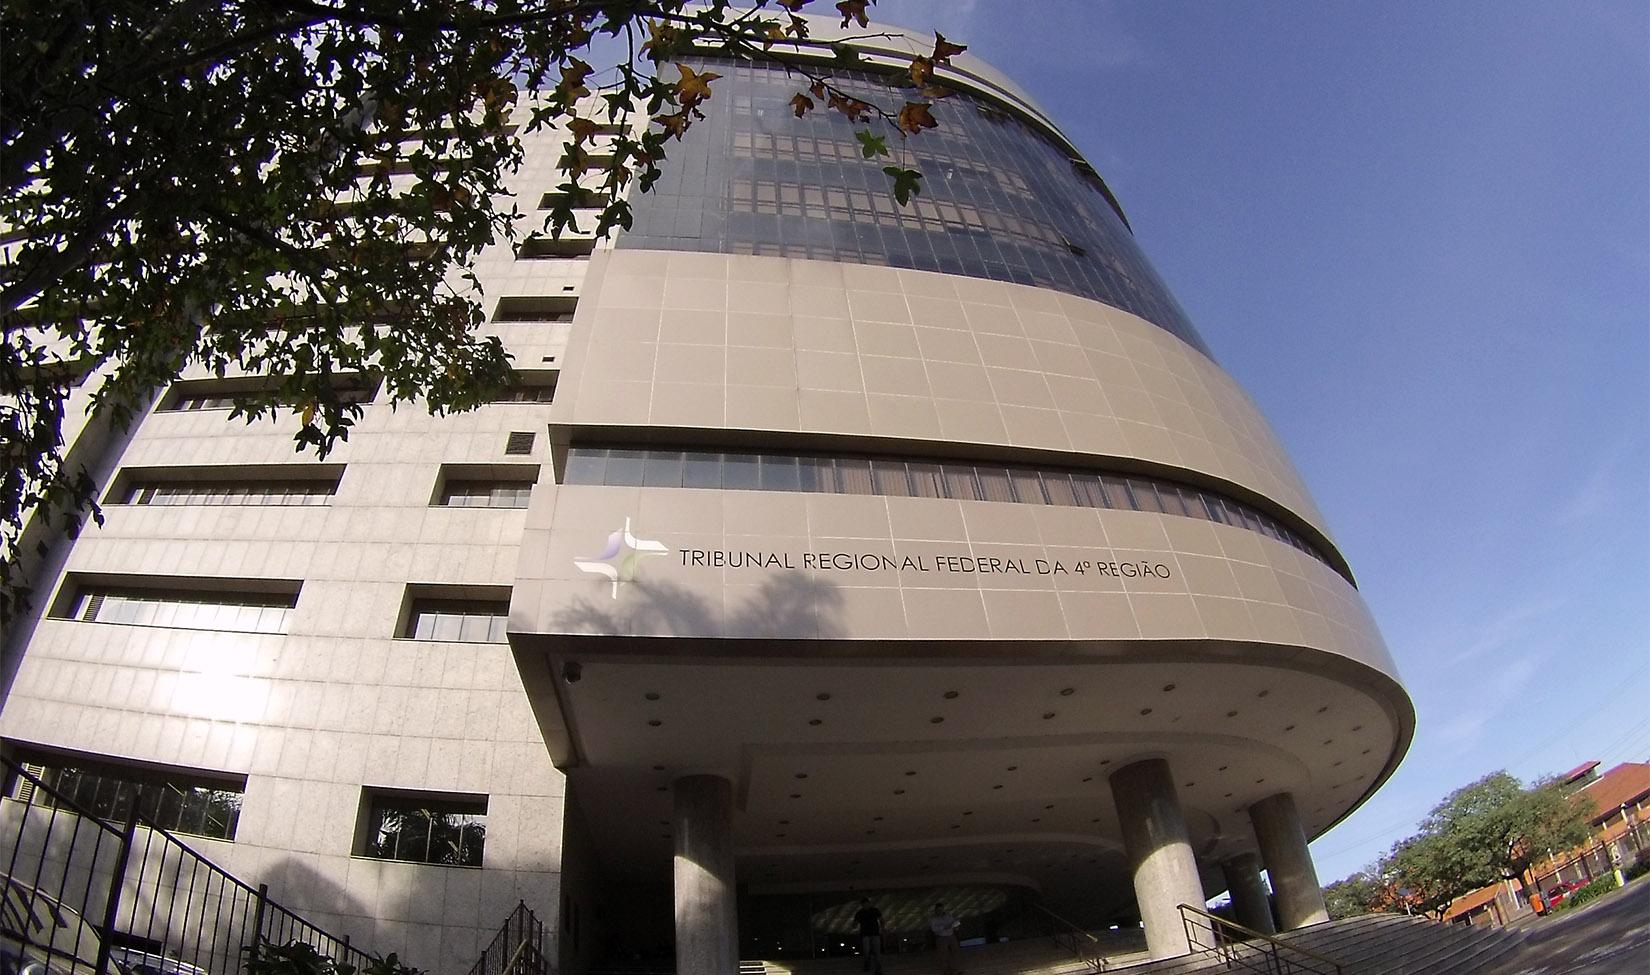 CSPM reverte decisão e garante direito de servidores a receberem valores devidos pela UFRGS